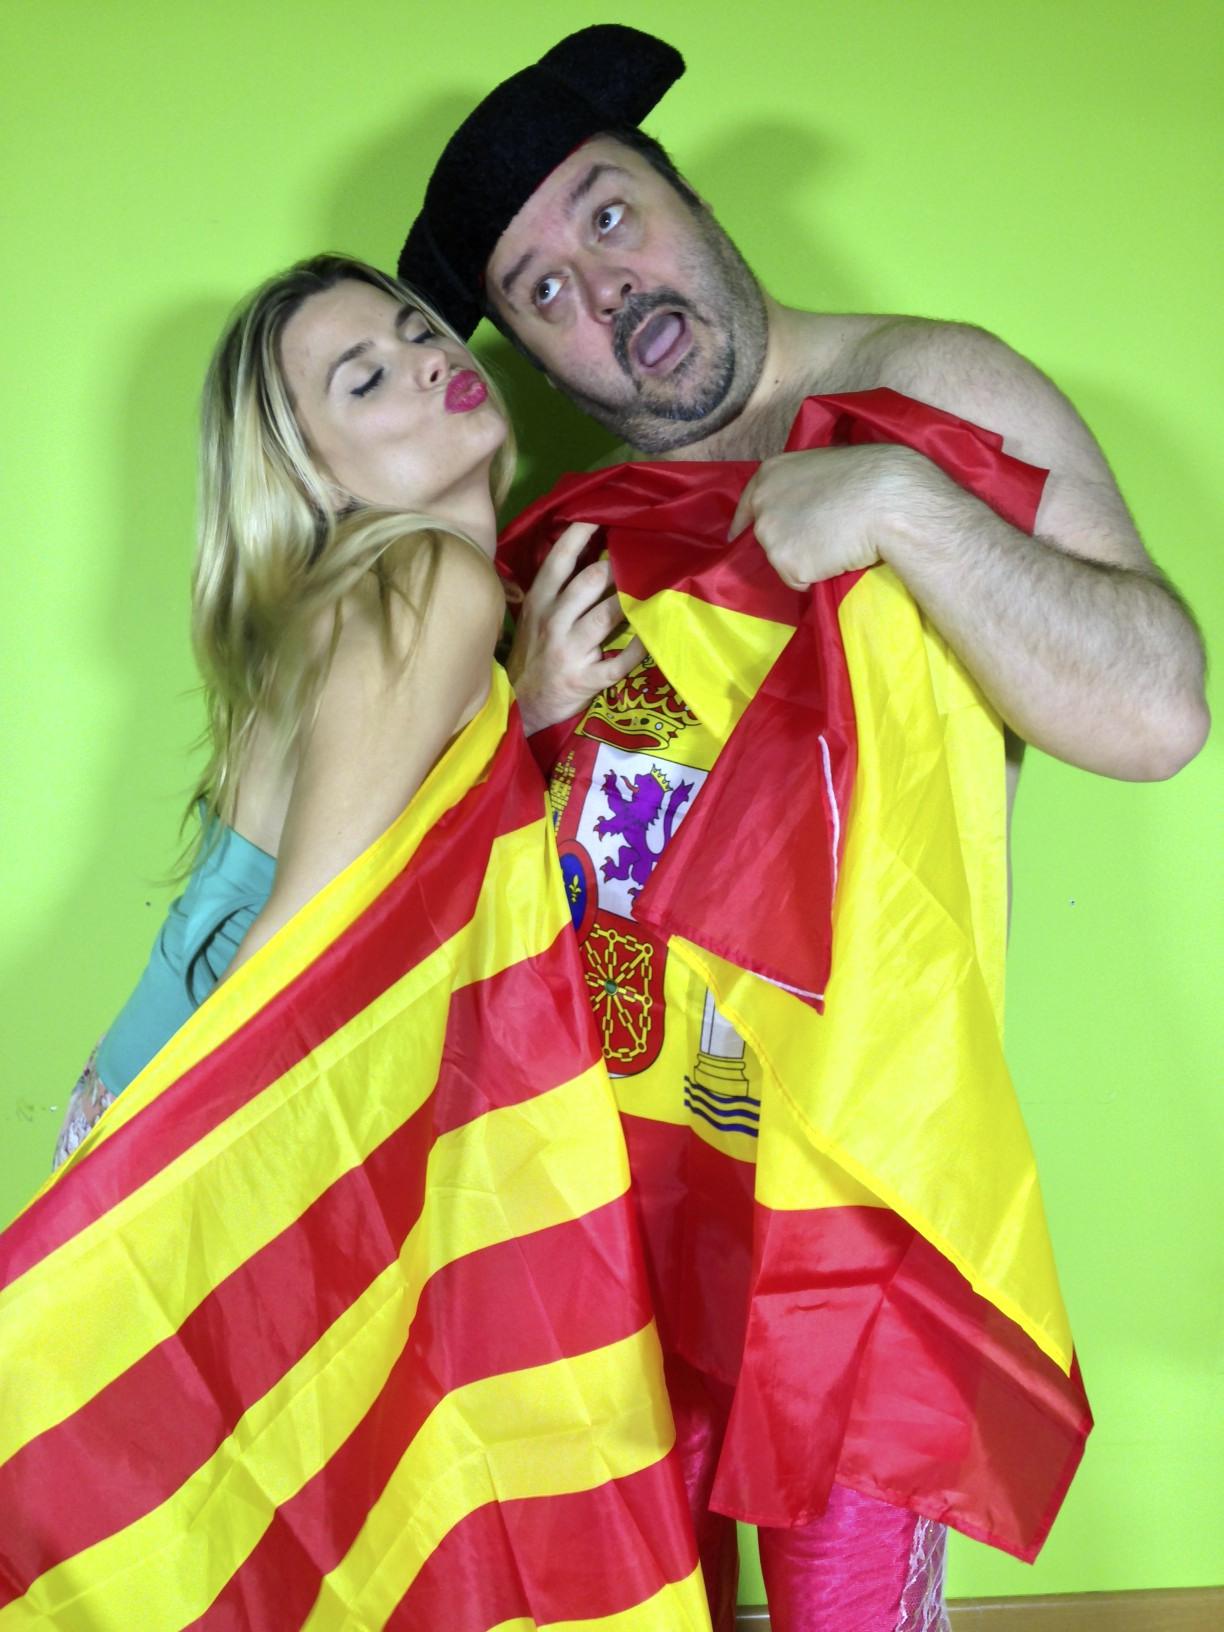 Tienes que oir esta cancion si eres catalan!